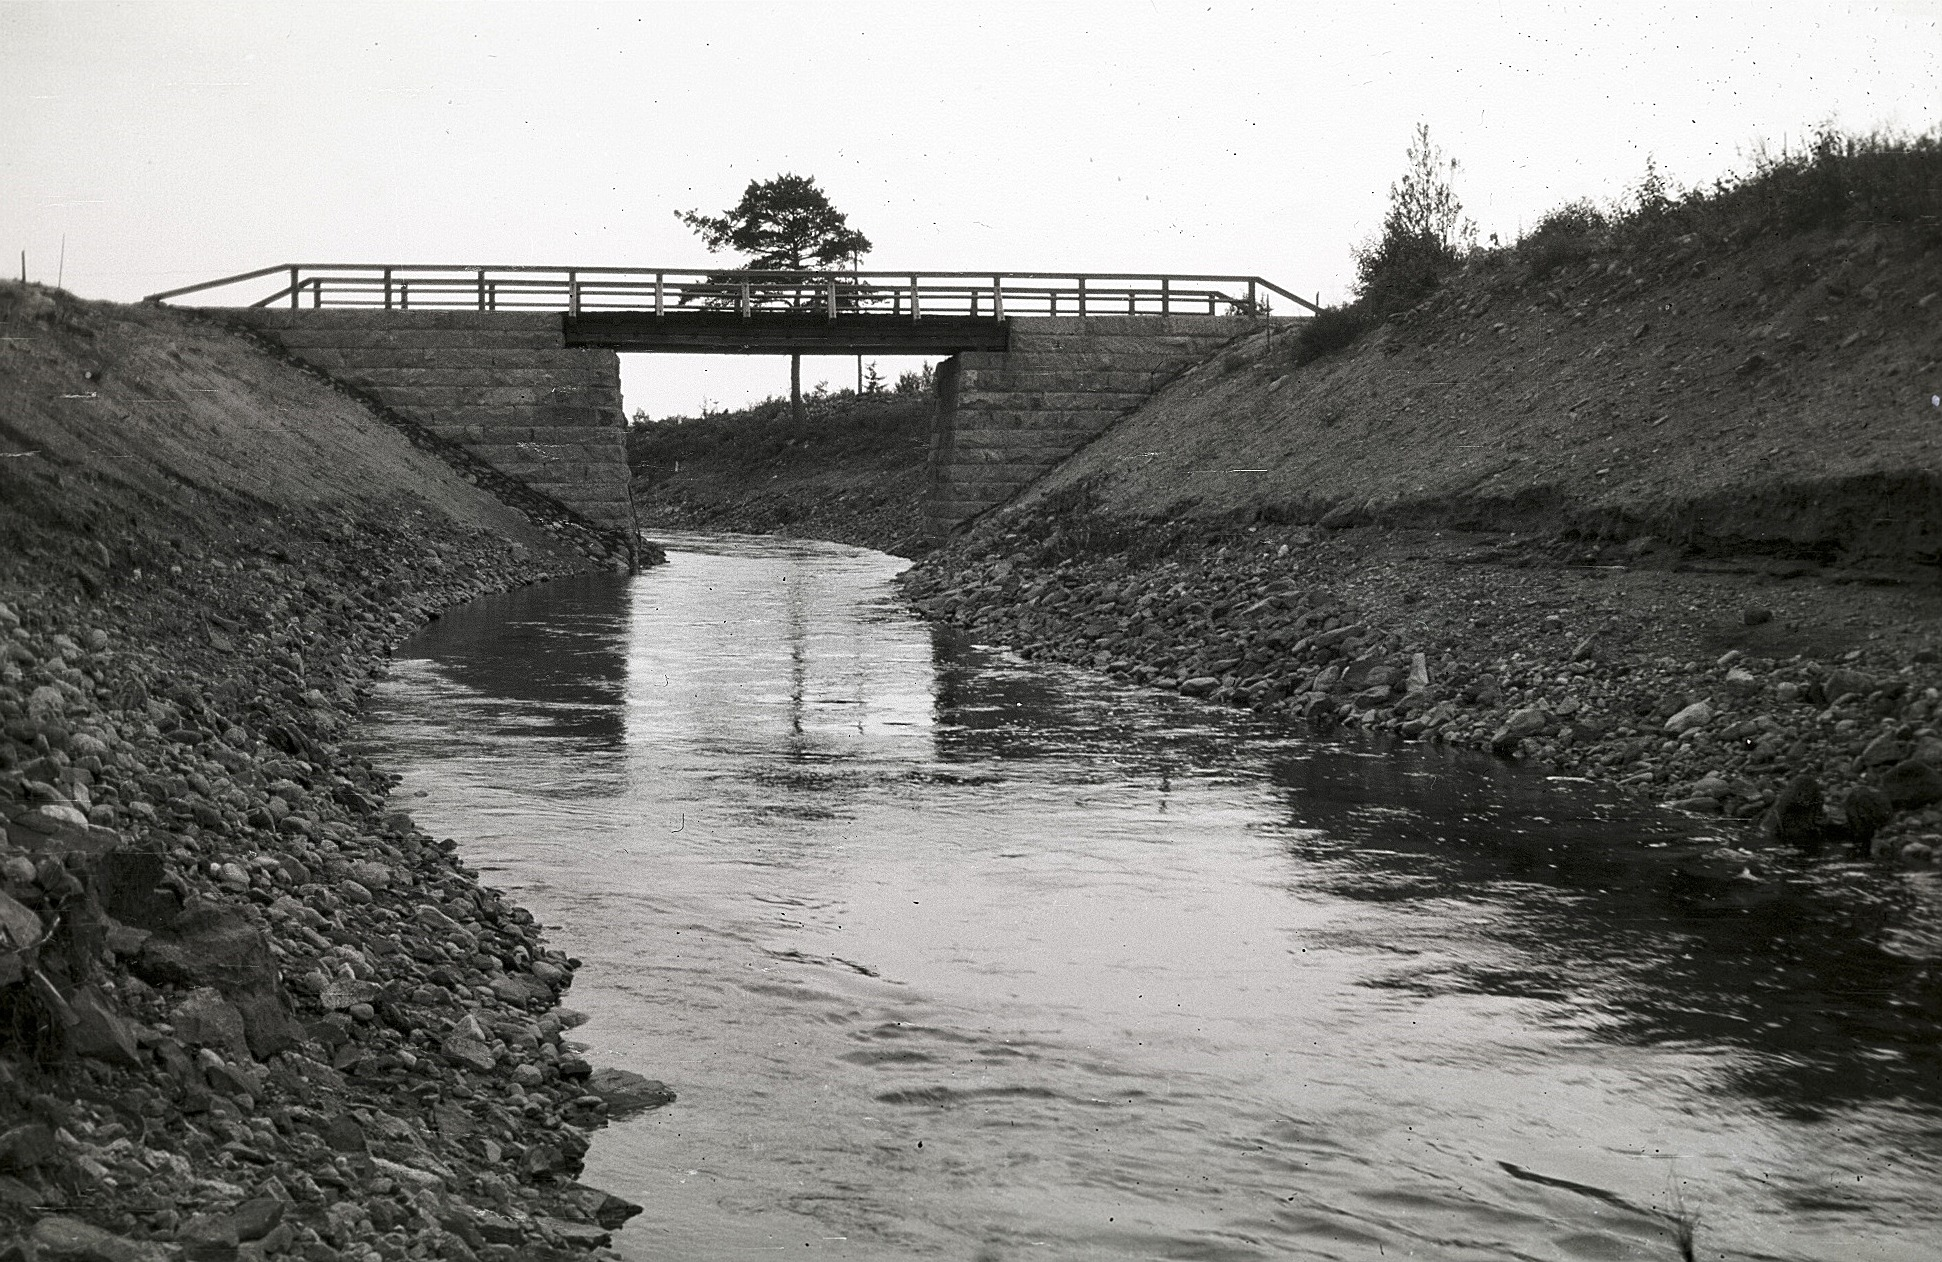 Det var en ståtlig stenbro som byggdes över den nygrävda Lillån någon gång på 30-talet. Bron låg nedanför Lindhs gård, alltså lite uppströms från den nuvarande bron. Foto Selim Björses.